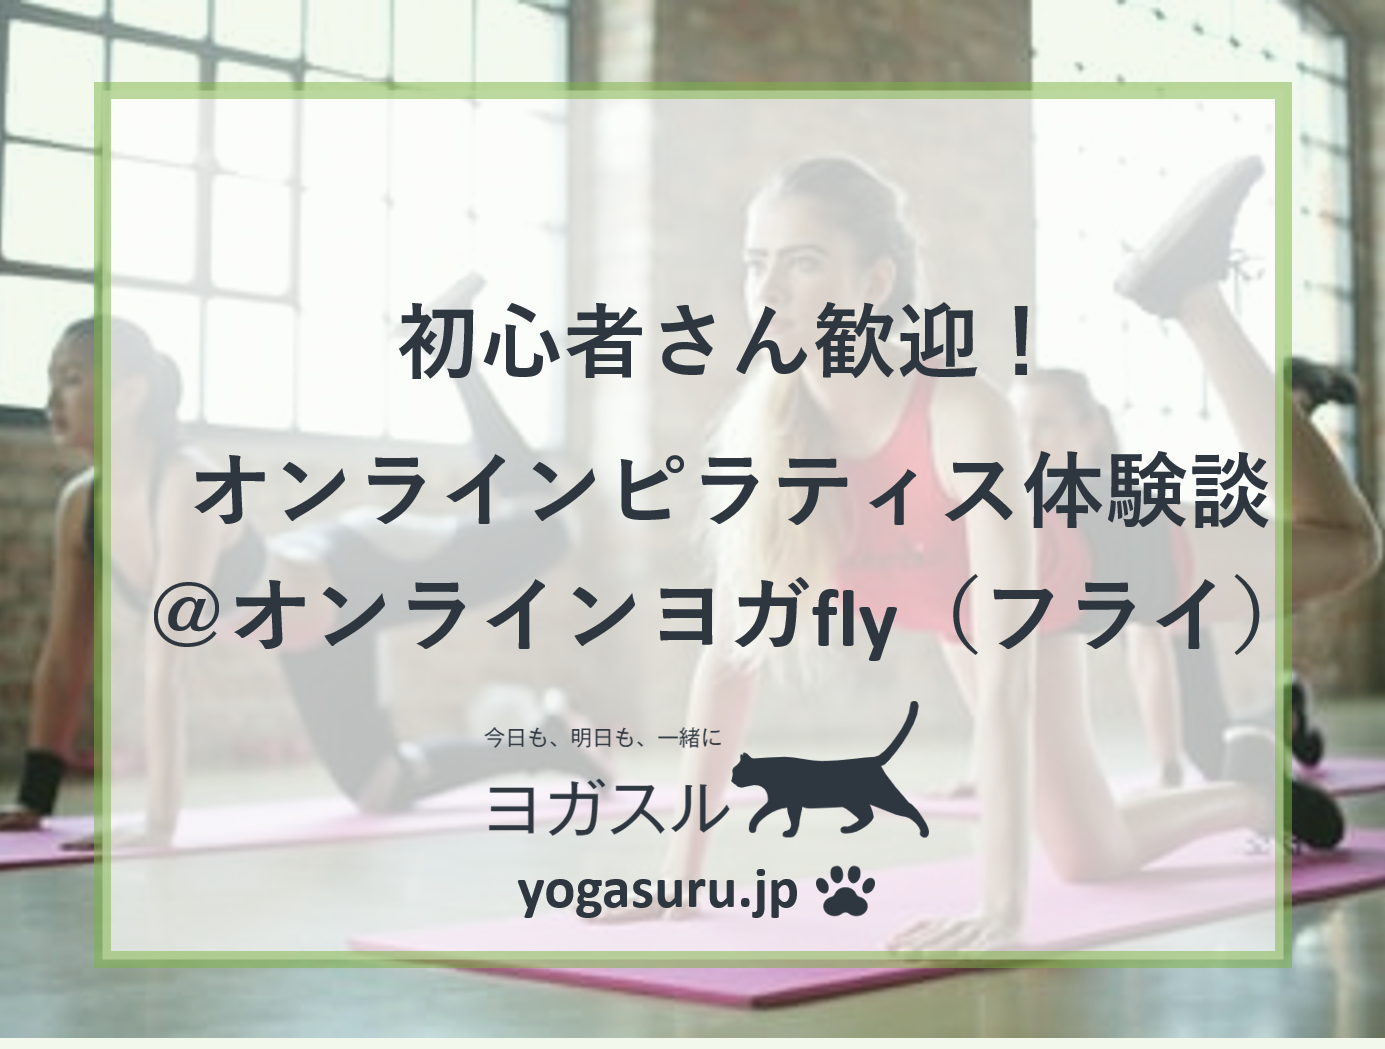 初心者歓迎!オンラインピラティス体験@オンラインヨガfly(フライ)